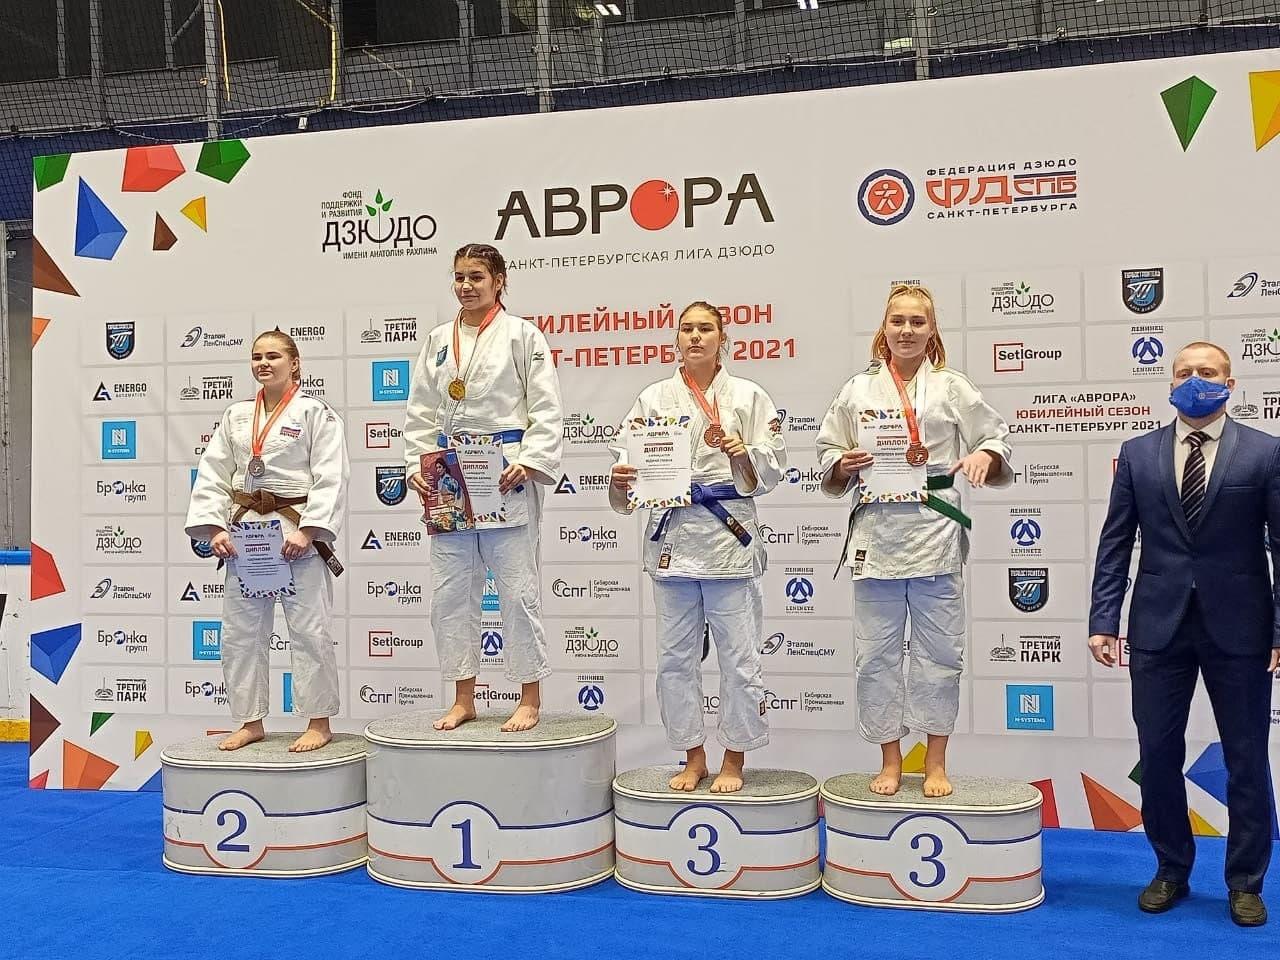 КОЛОМНАСПОРТ - Спорт в Коломне Коломенская дзюдоистка завоевала бронзу на всероссийском турнире